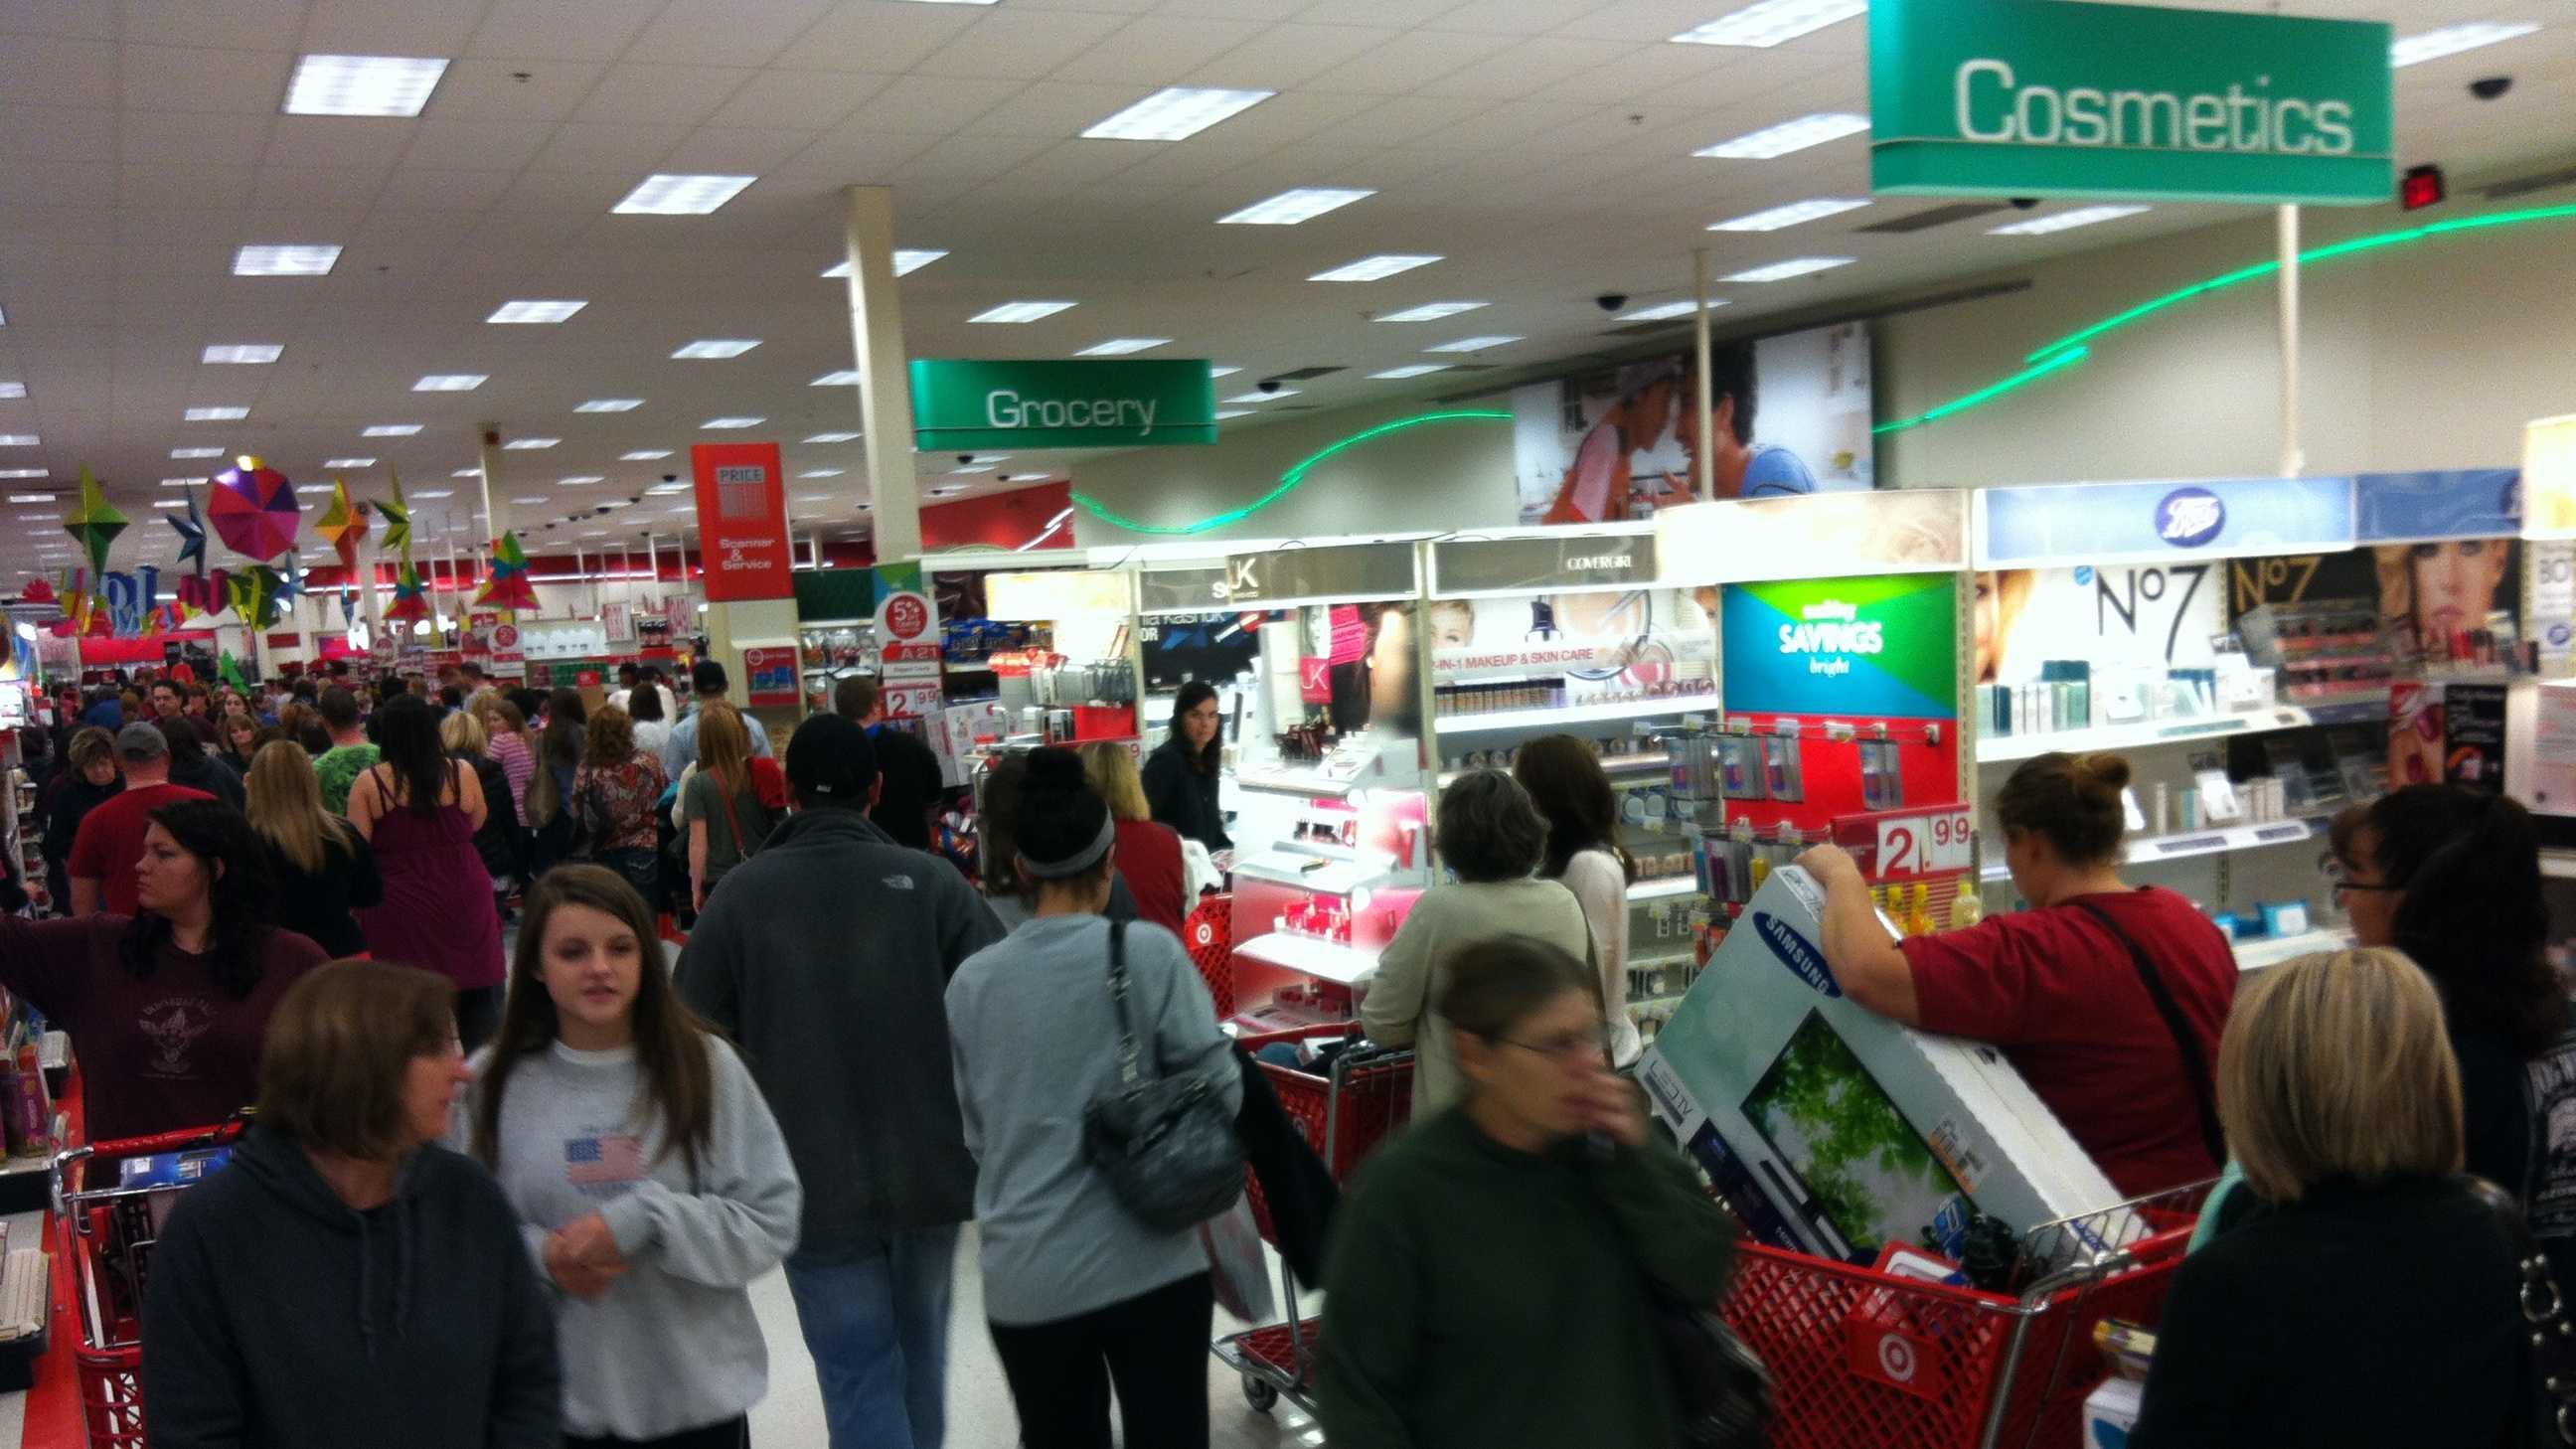 8 p.m. Thanksgiving Day - Target